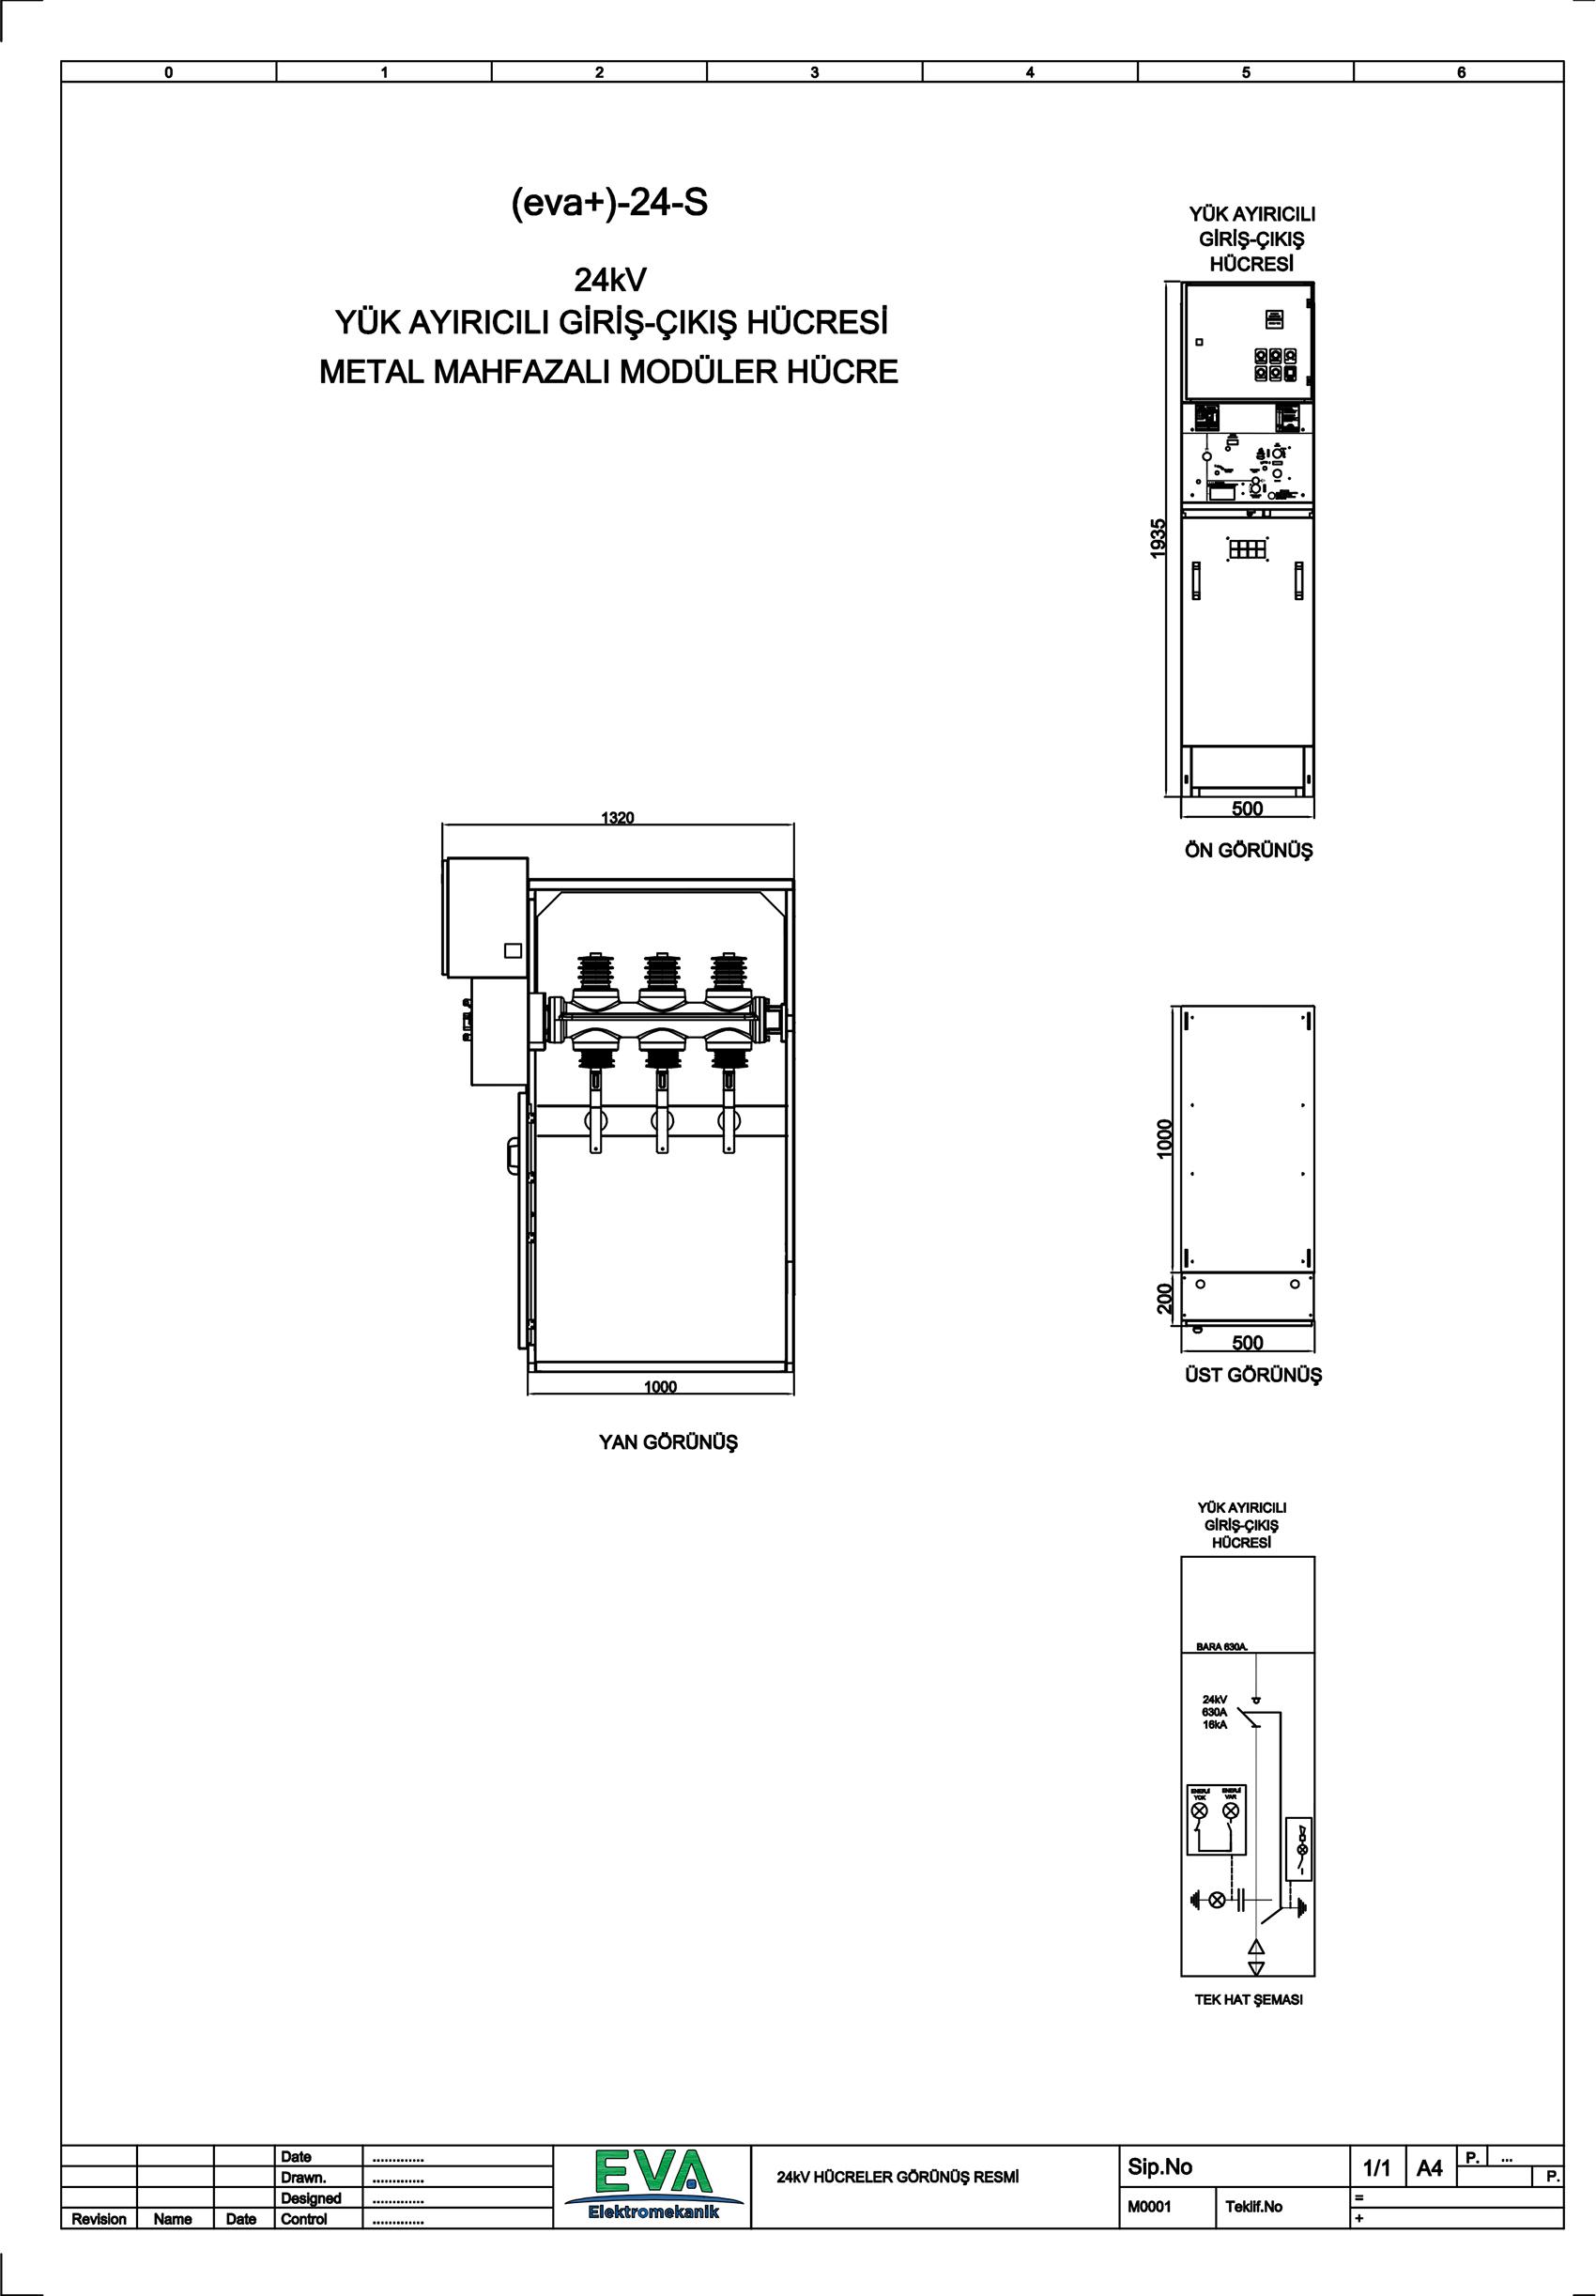 EVA+-24-S Yük Ayırıcılı Giriş Çıkış Hücresi (Metal Mahfazalı Modüler Hücre)